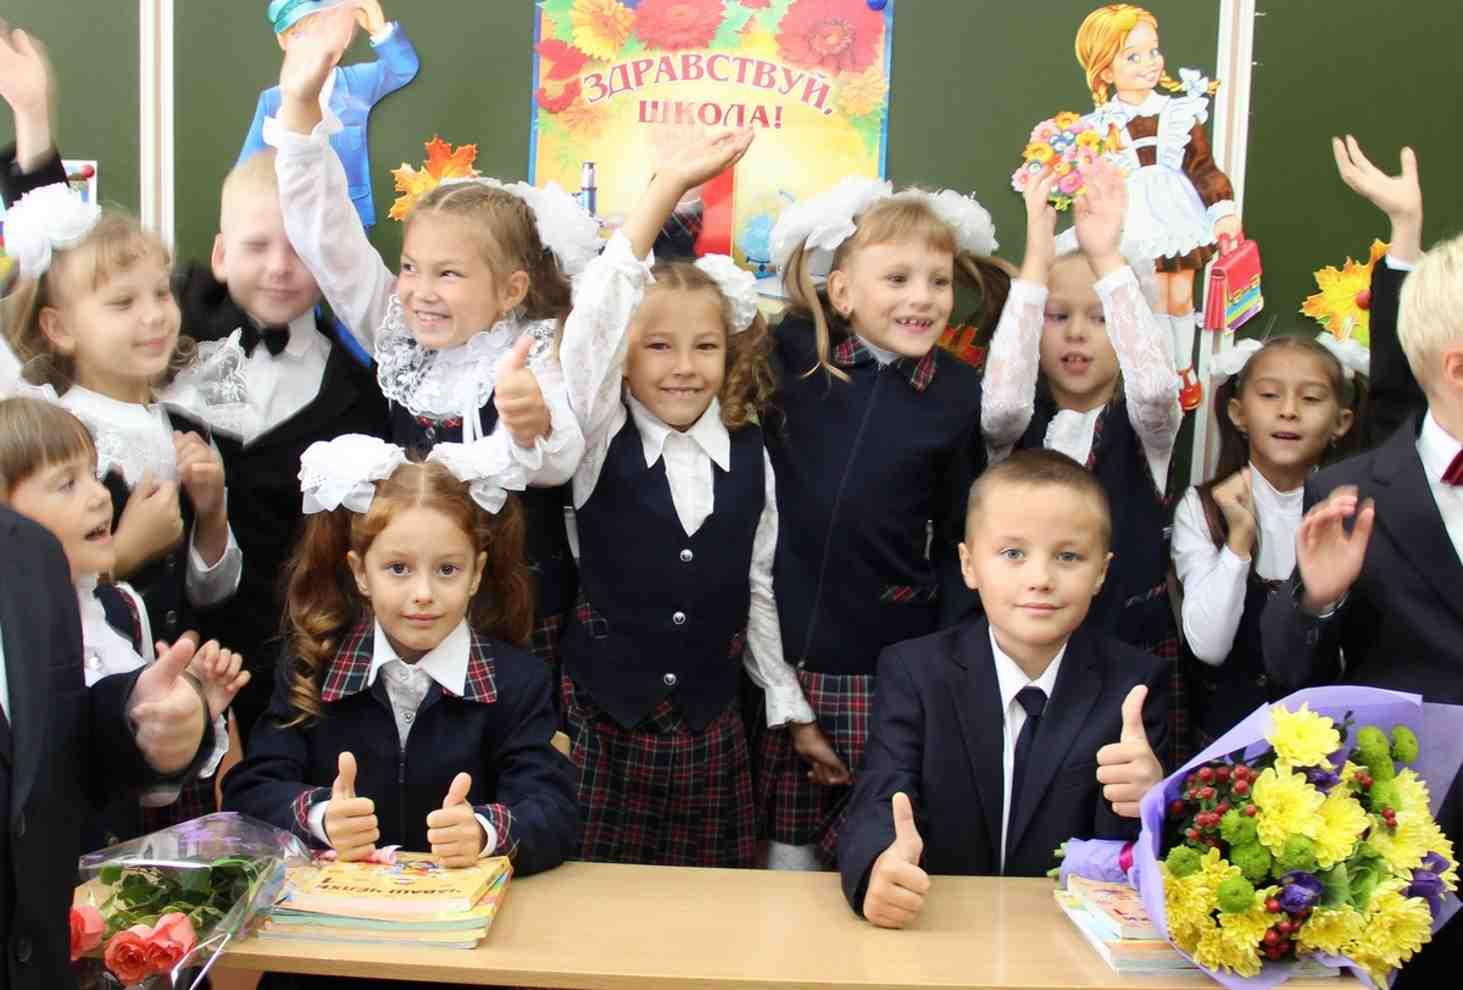 v-novom-uchebnom-godu-v-pervyj-klass-pojdut-1-8-millionov-detej